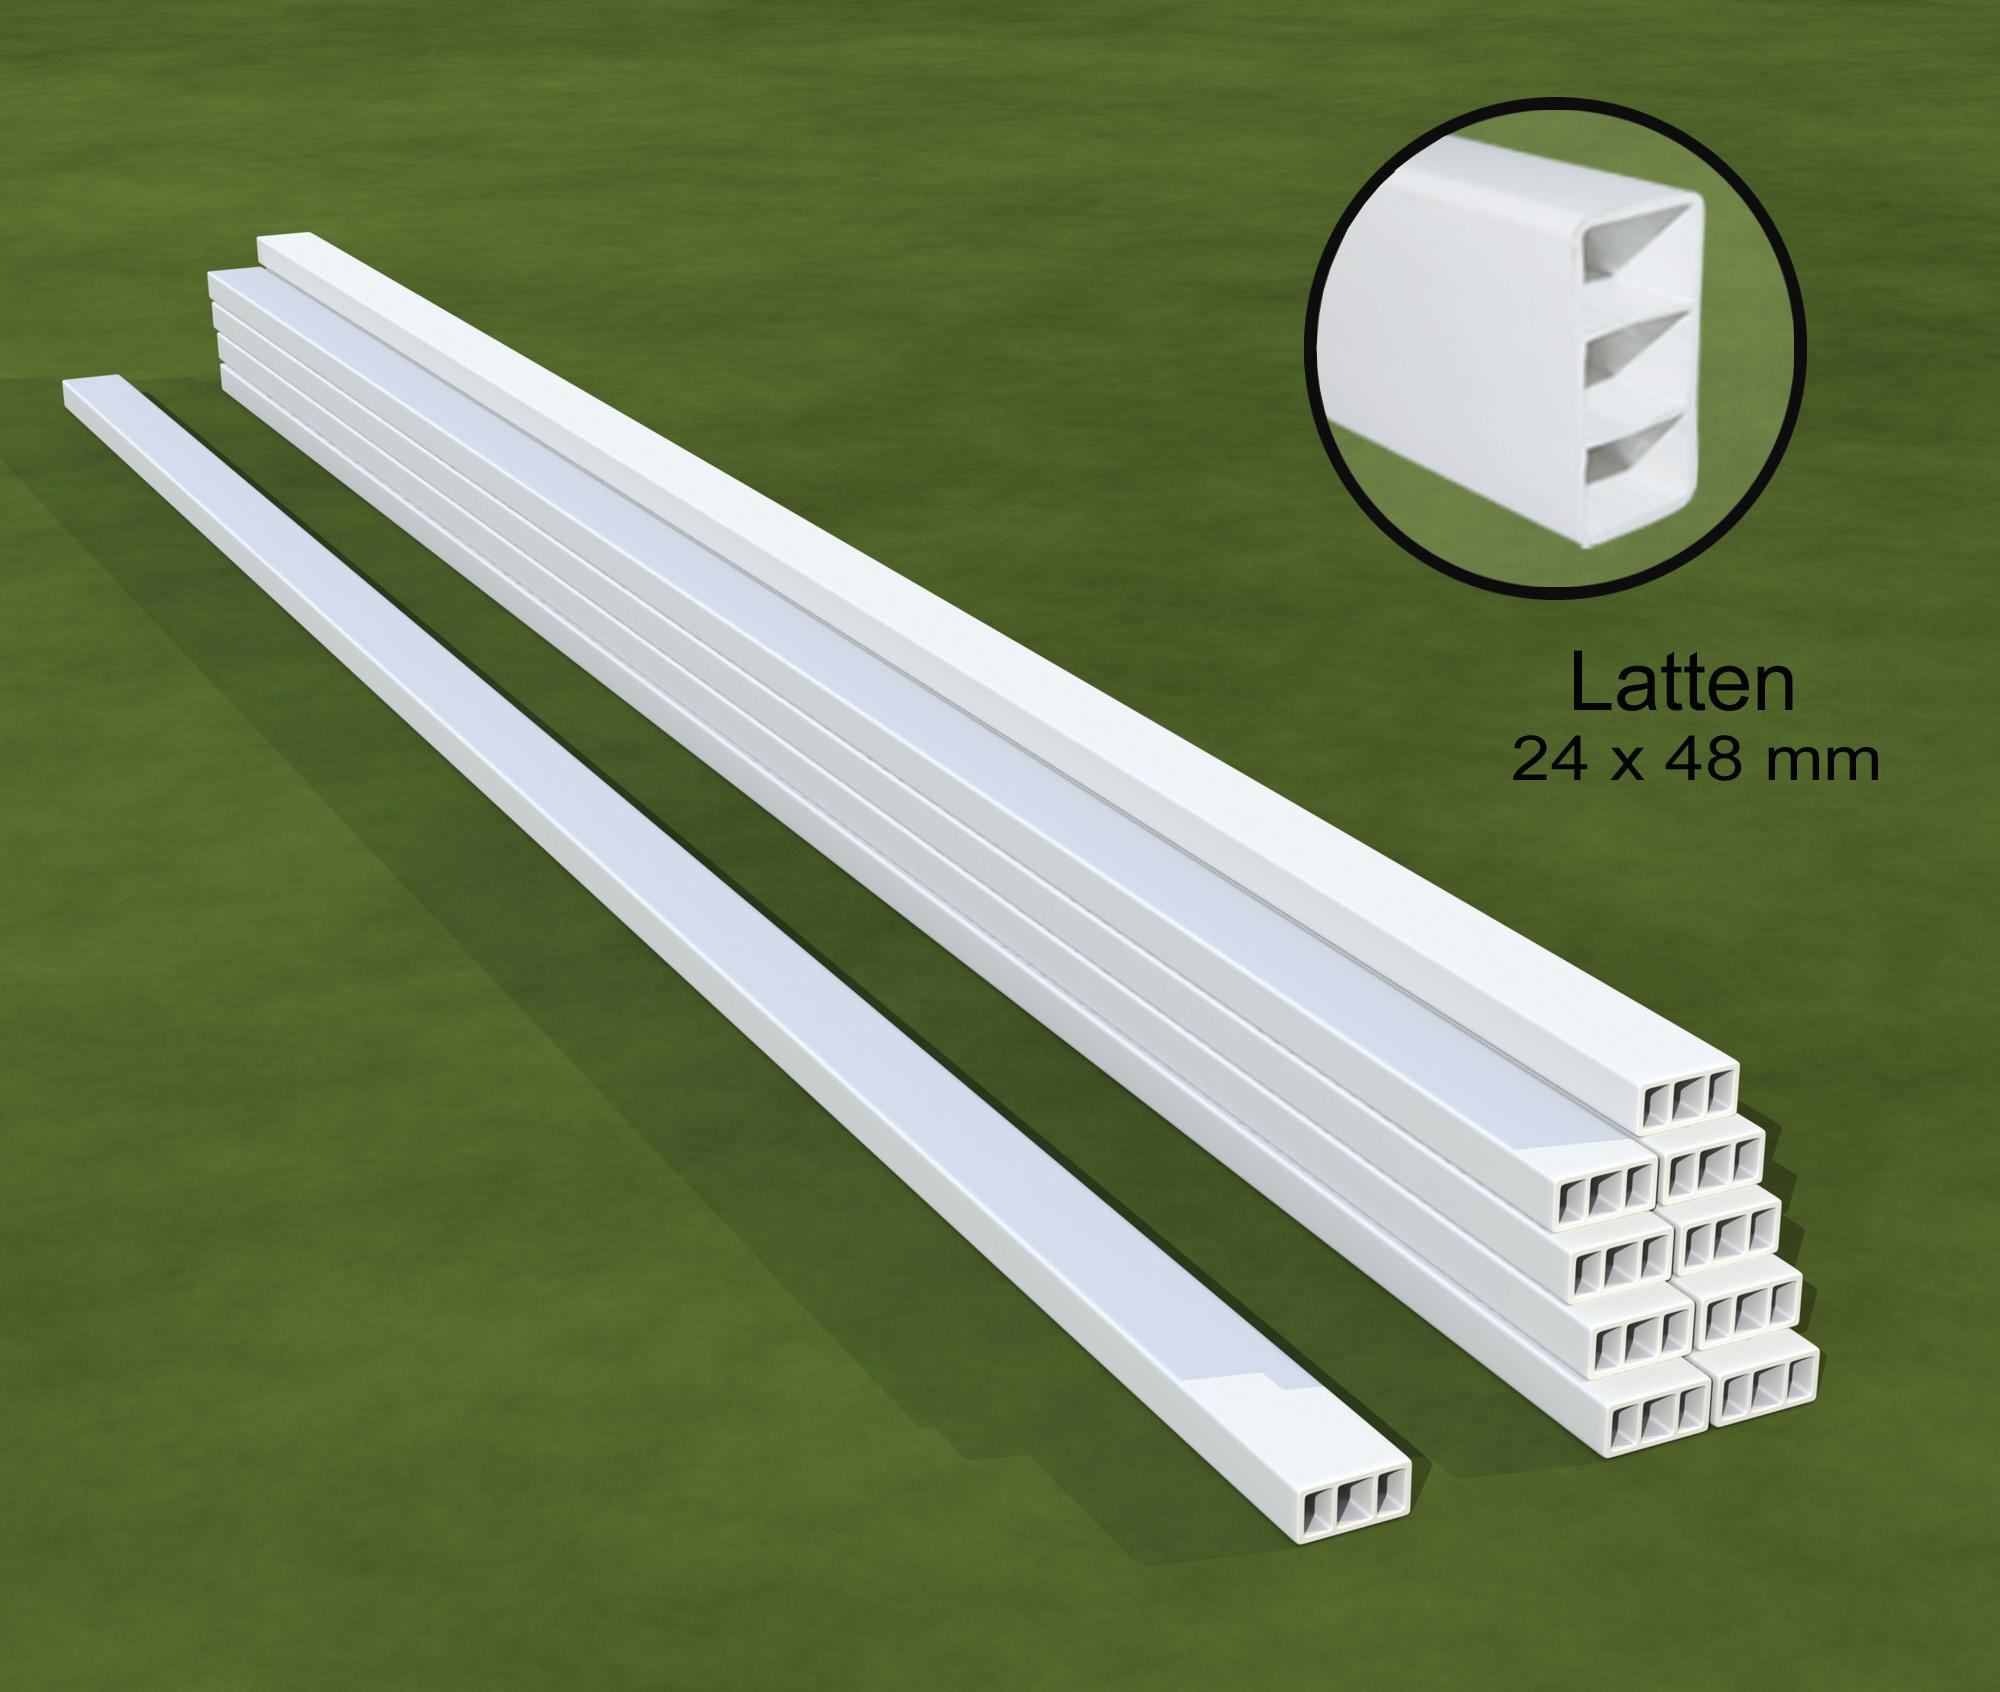 1 Bund Dachlattenprofil aus Kunststoff, 10 Kunststoff Latten 2,00 m lang